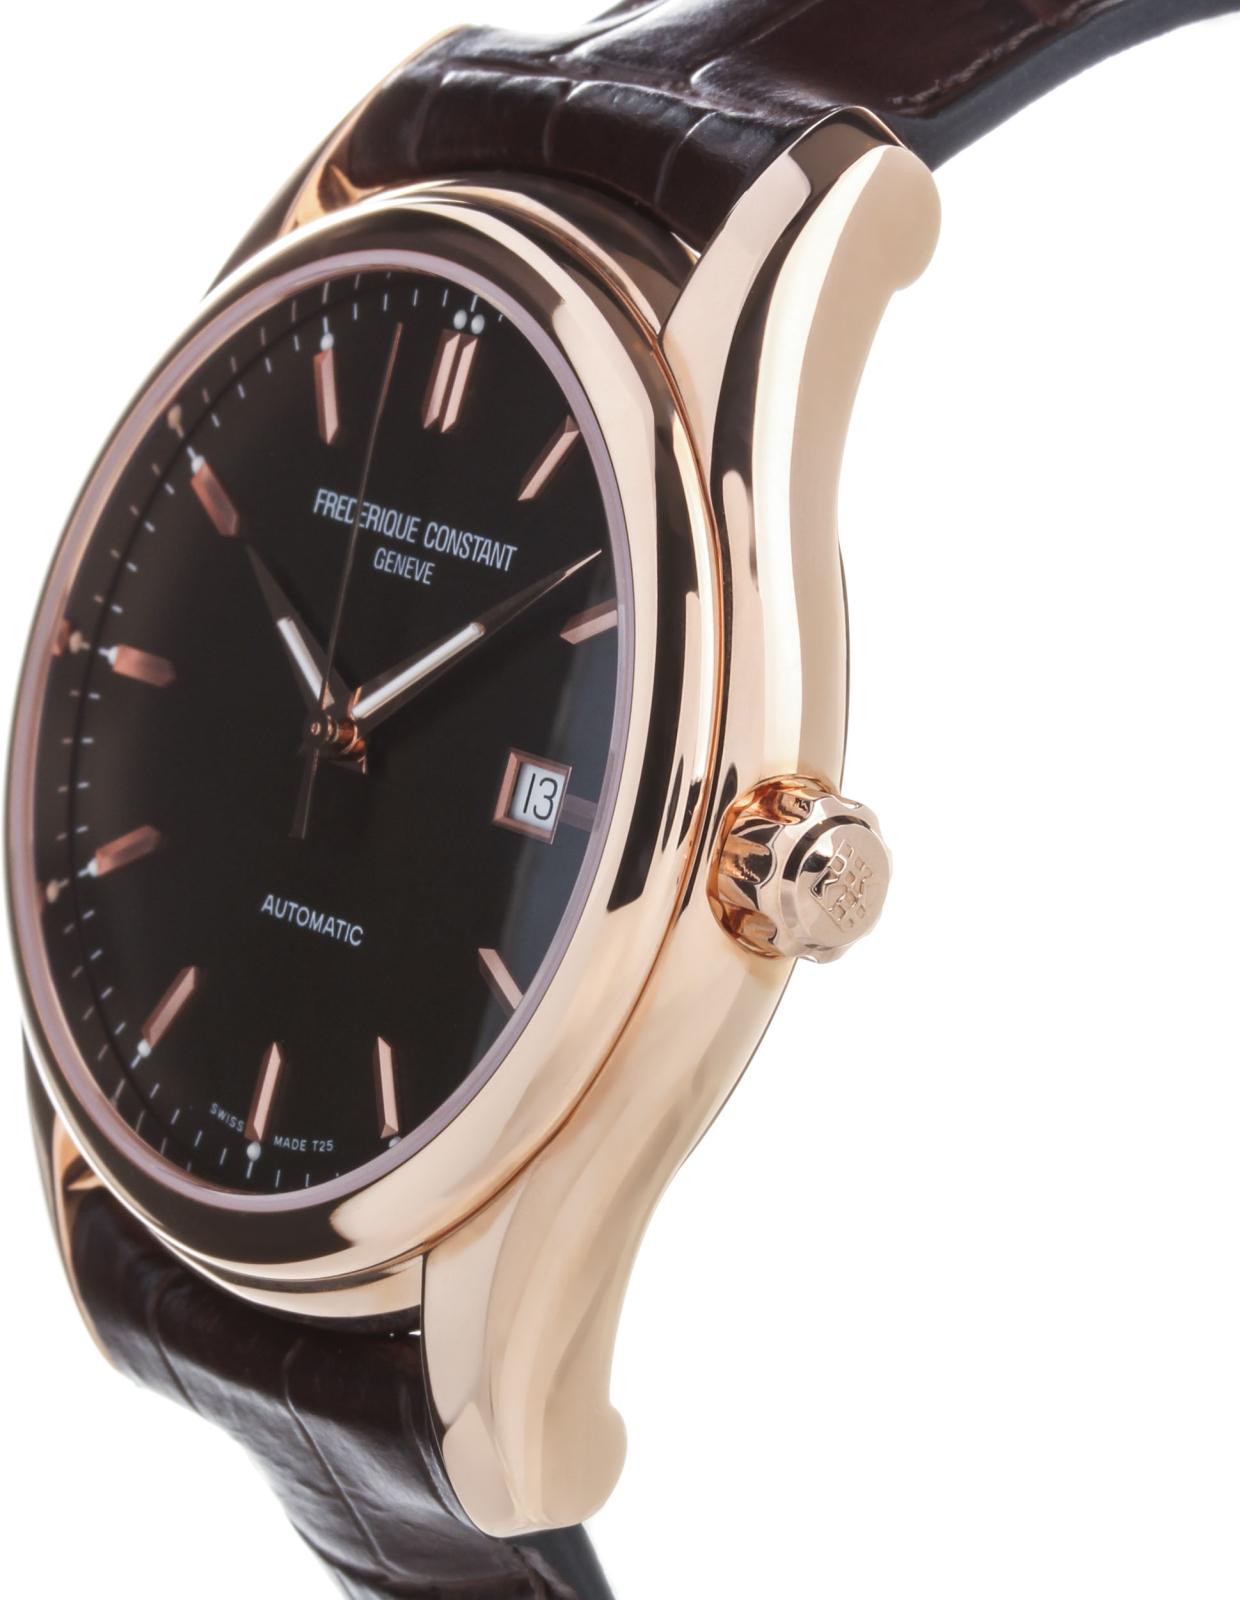 Frederique Constant Index/Healey FC-303C6B4Наручные часы<br>Швейцарские часы Frederique Constant Index/Healey FC-303C6B4<br><br>Для кого?: Мужские<br>Страна-производитель: Швейцария<br>Механизм: Механический<br>Материал корпуса: Сталь<br>Материал ремня/браслета: Кожа<br>Водозащита, диапазон: 100 - 150 м<br>Стекло: Сапфировое<br>Толщина корпуса: 10 мм<br>Стиль: Классика